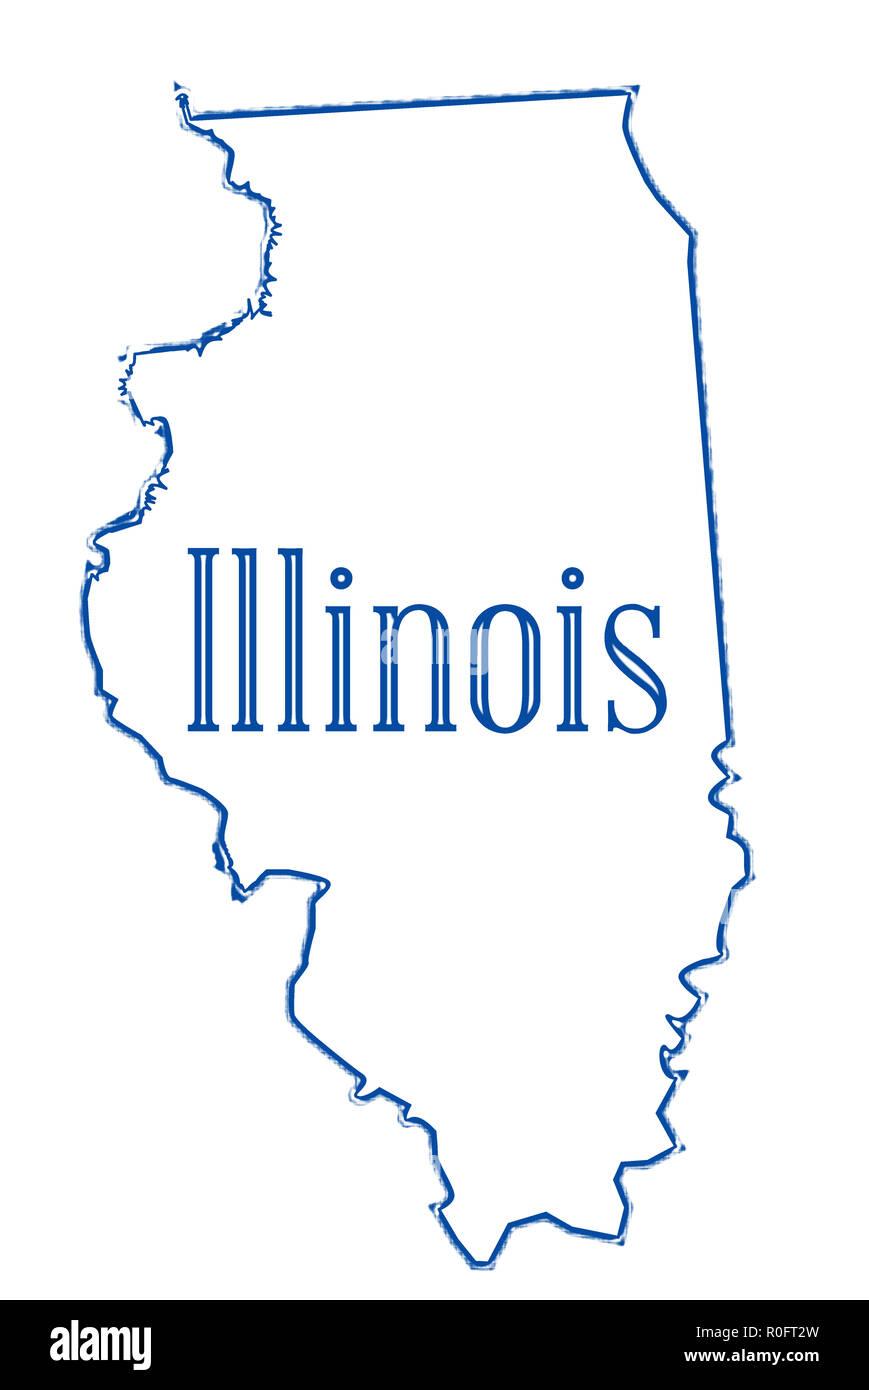 Illinois Map In Usa on usa map iowa, usa map new jersey, usa map florida, usa map virginia, usa map wyoming, usa map south dakota, usa map springfield, usa map chicago, usa map washington, usa map tennessee, usa map long island, usa map wisconsin, usa map louisiana,